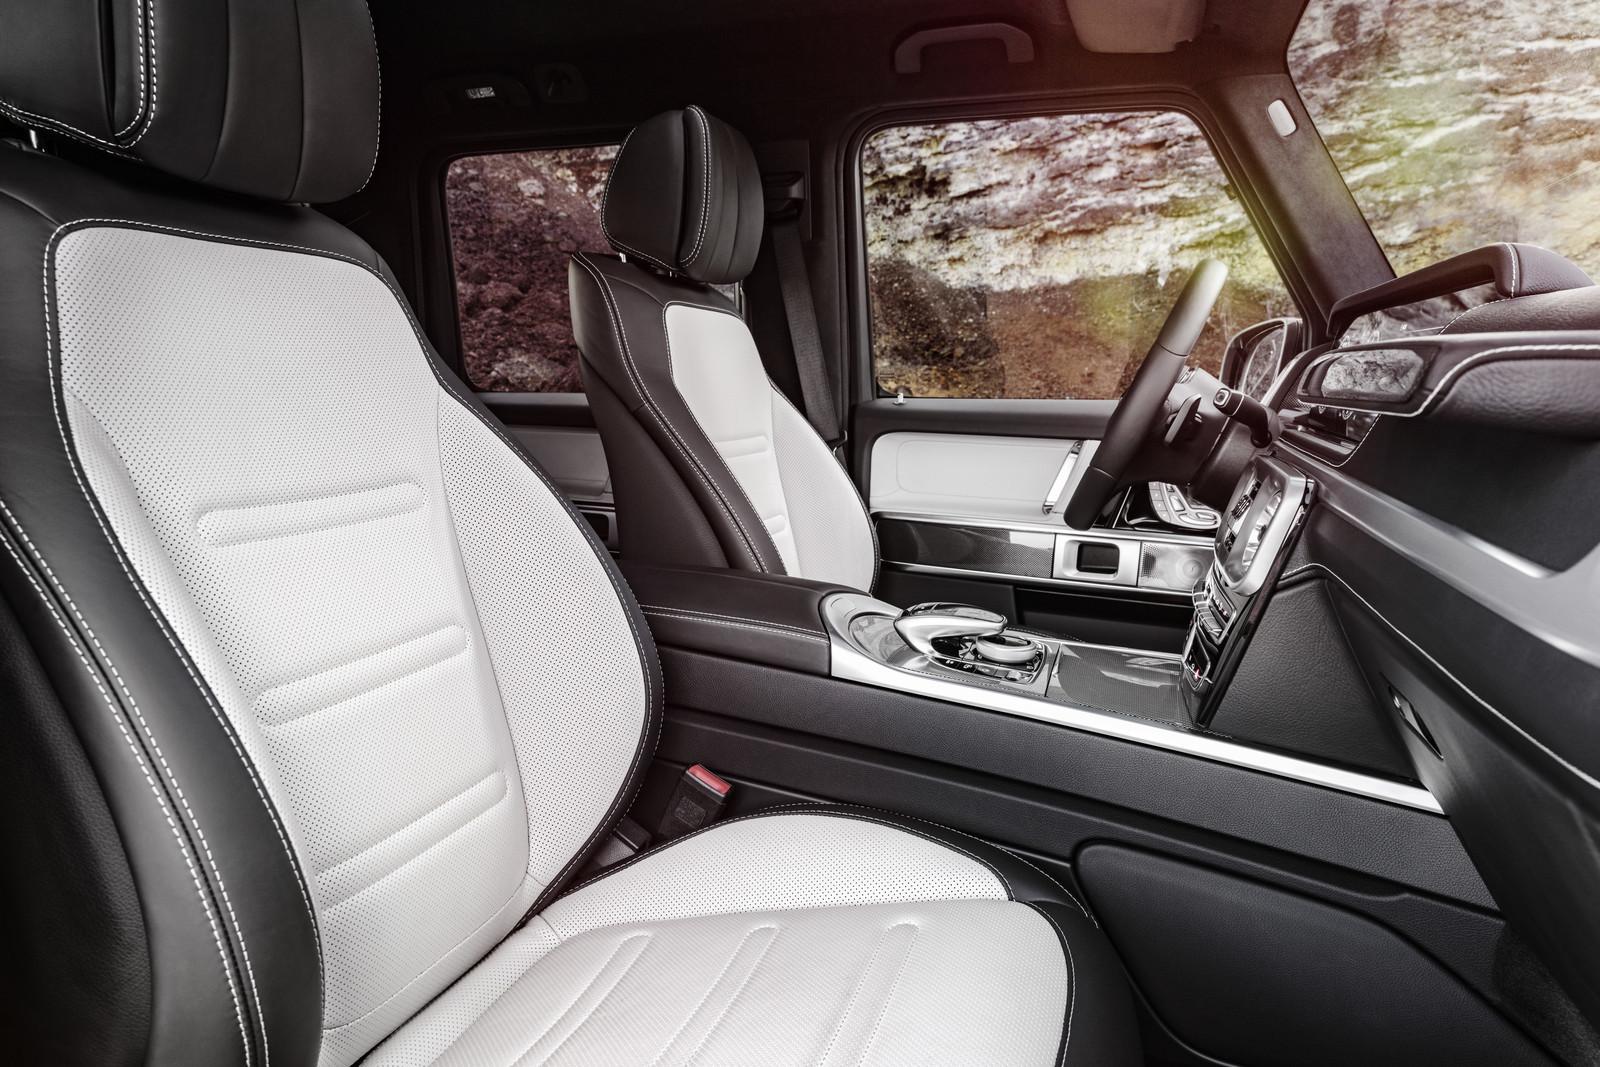 Mercedes-Benz Clase G 2018 - Interior